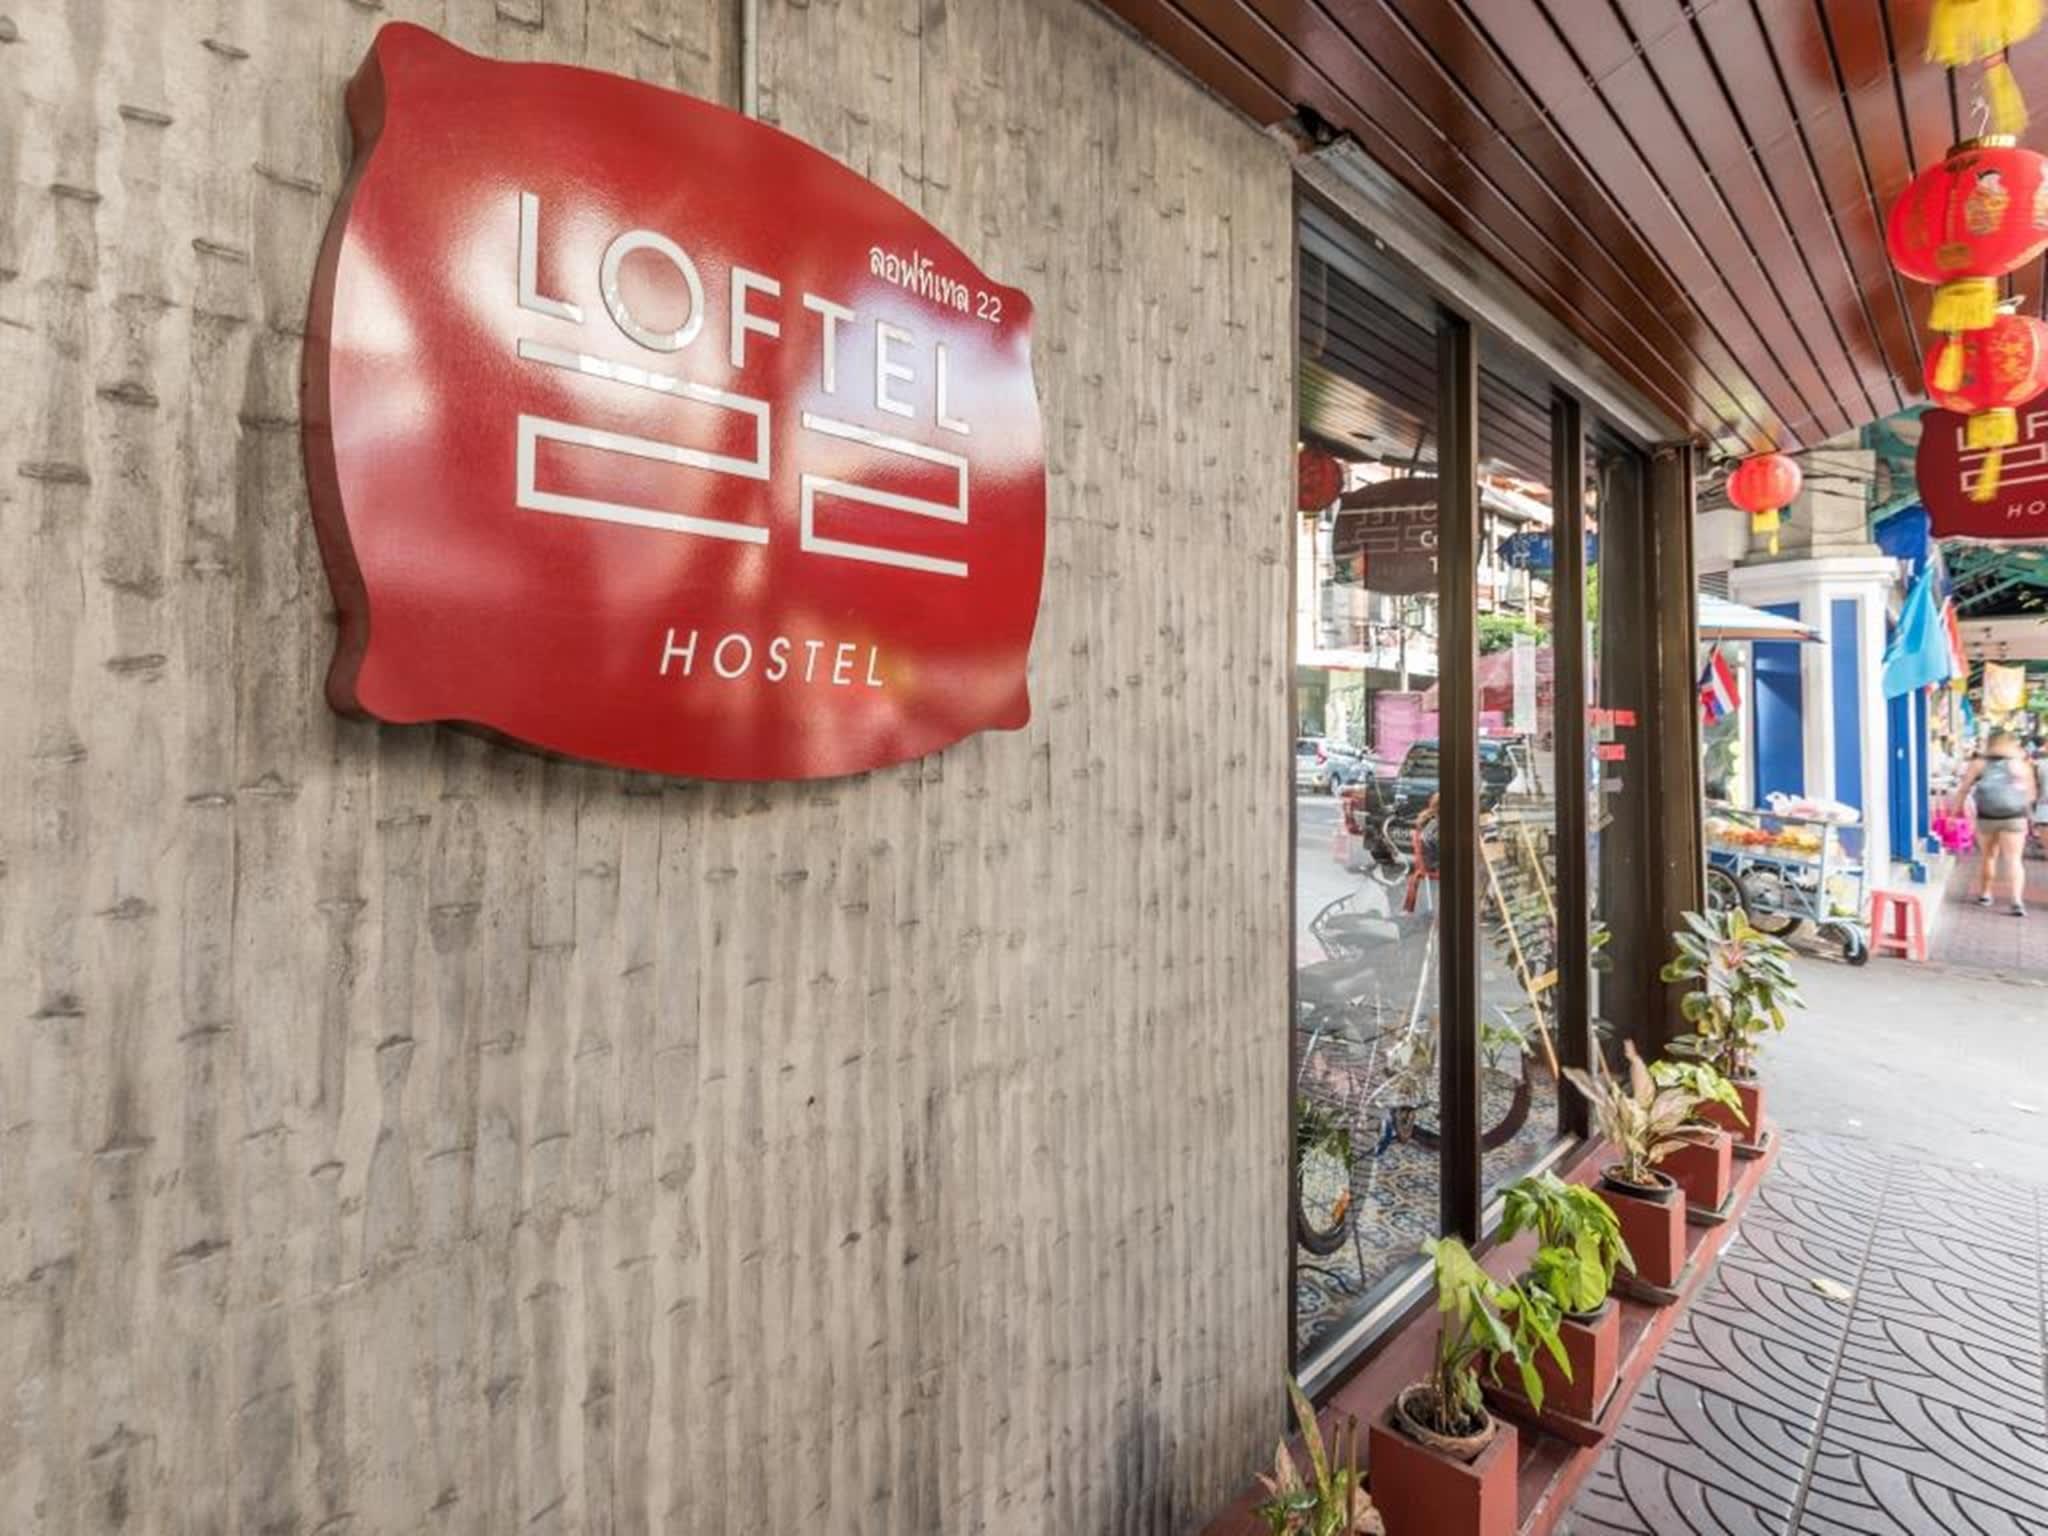 HOSTEL - Loftel 22 Bangkok